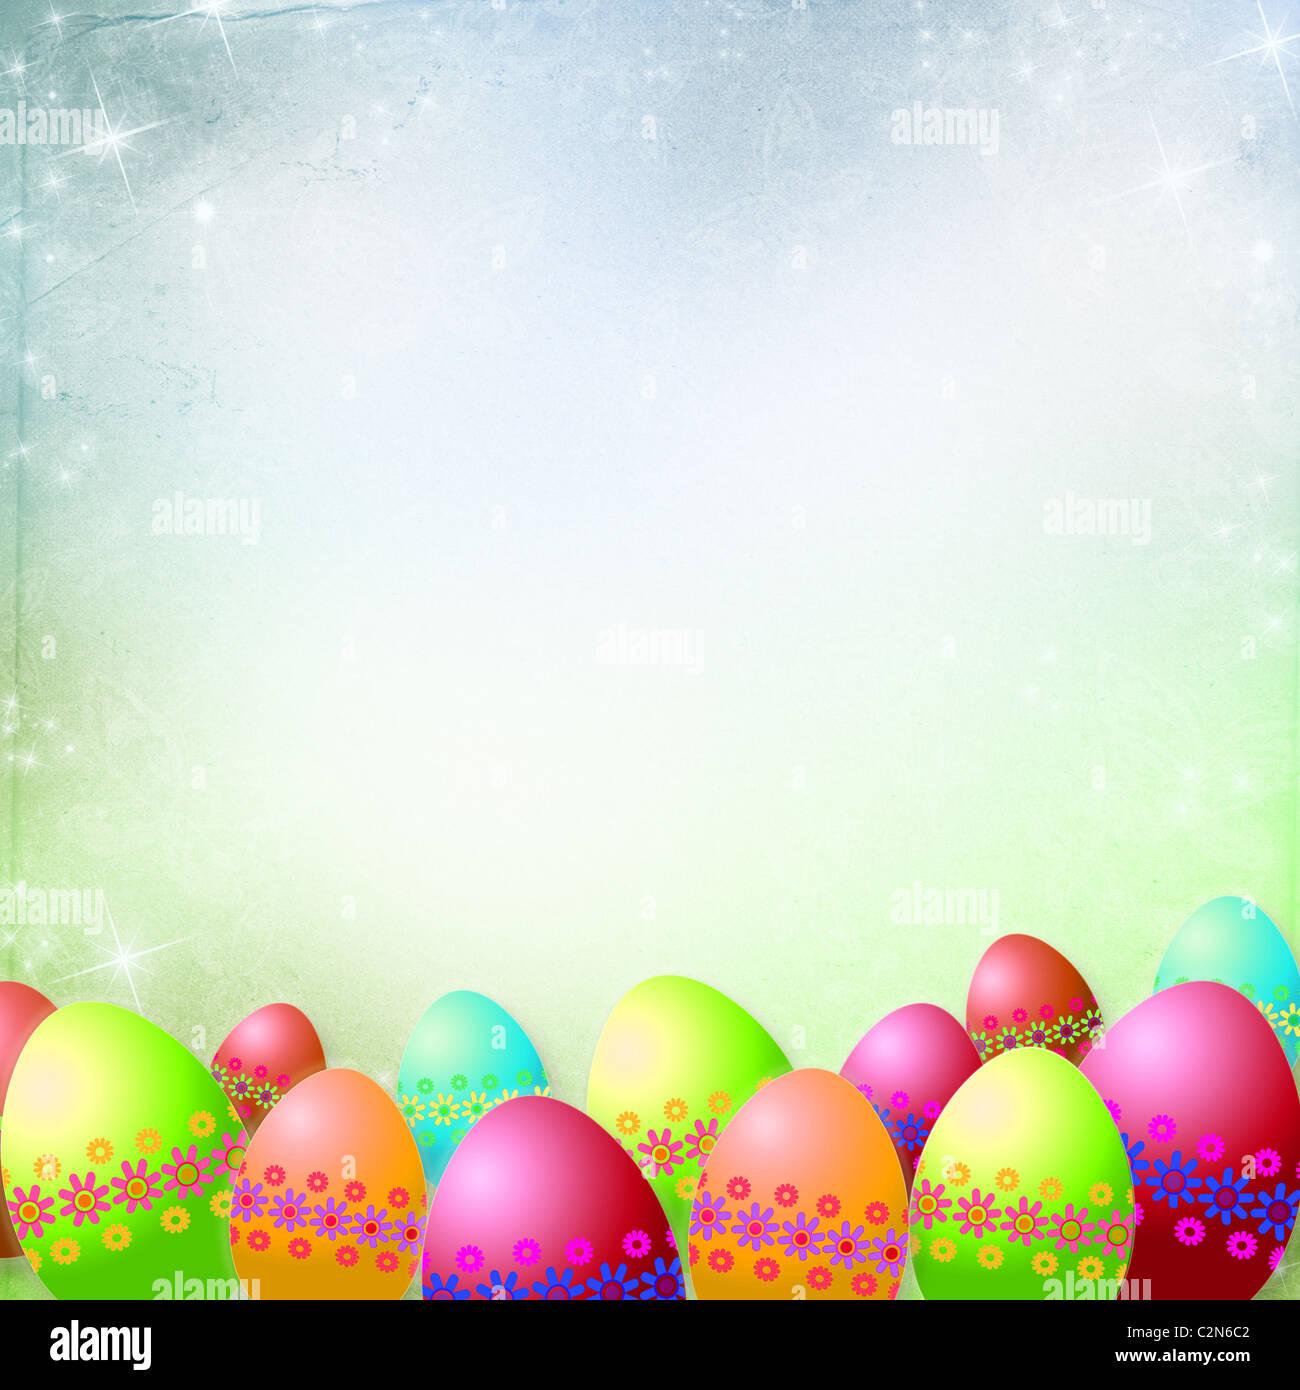 Frühling oder Ostern Hintergrund mit bunten Ostereier und Blumen hängen Bänder Stockbild